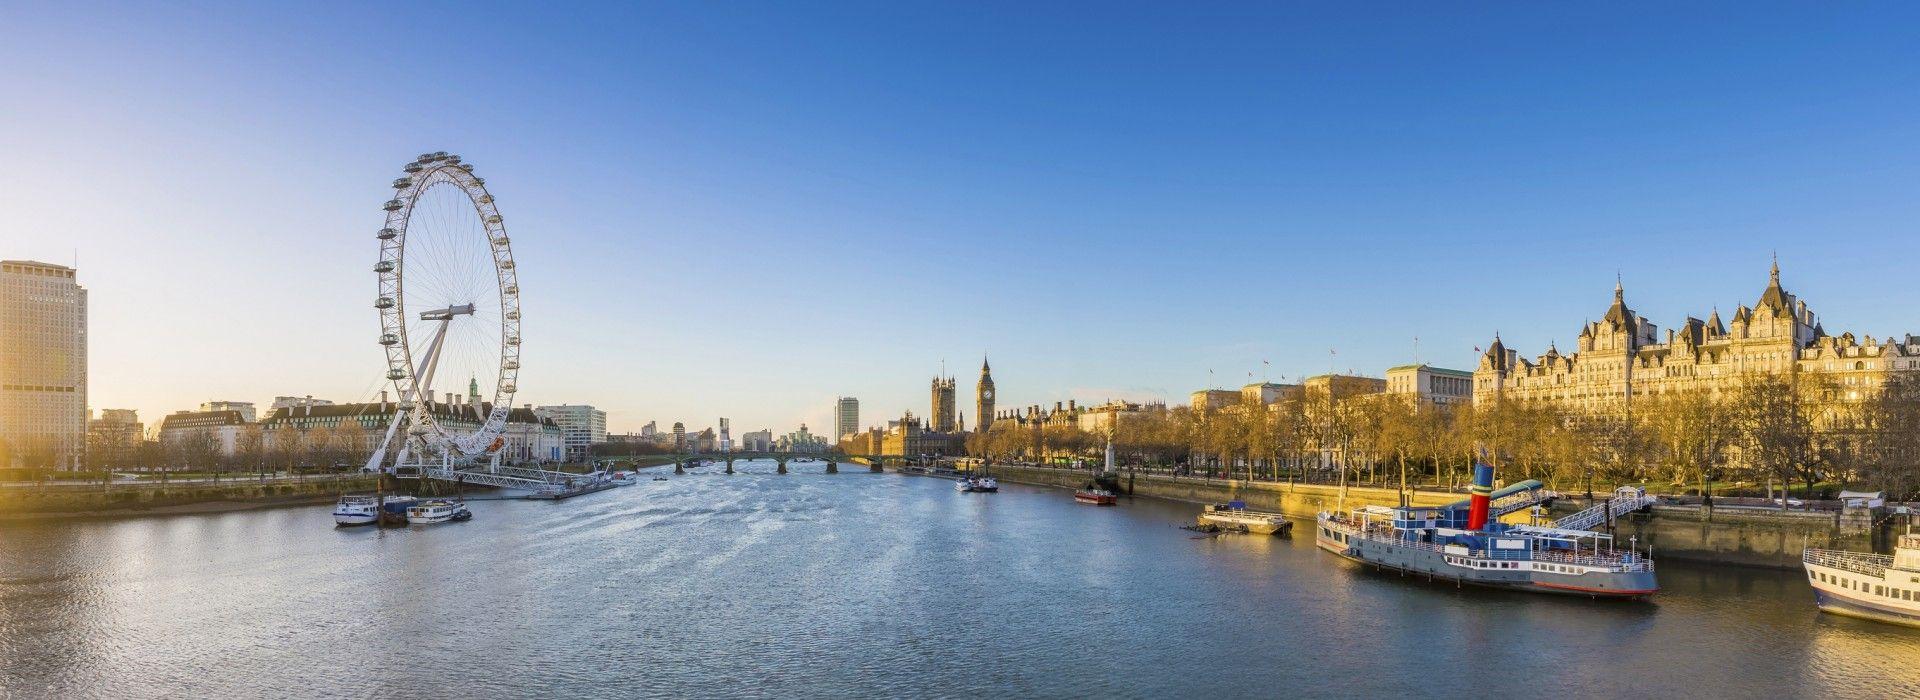 Natural landmarks sightseeing Tours in London